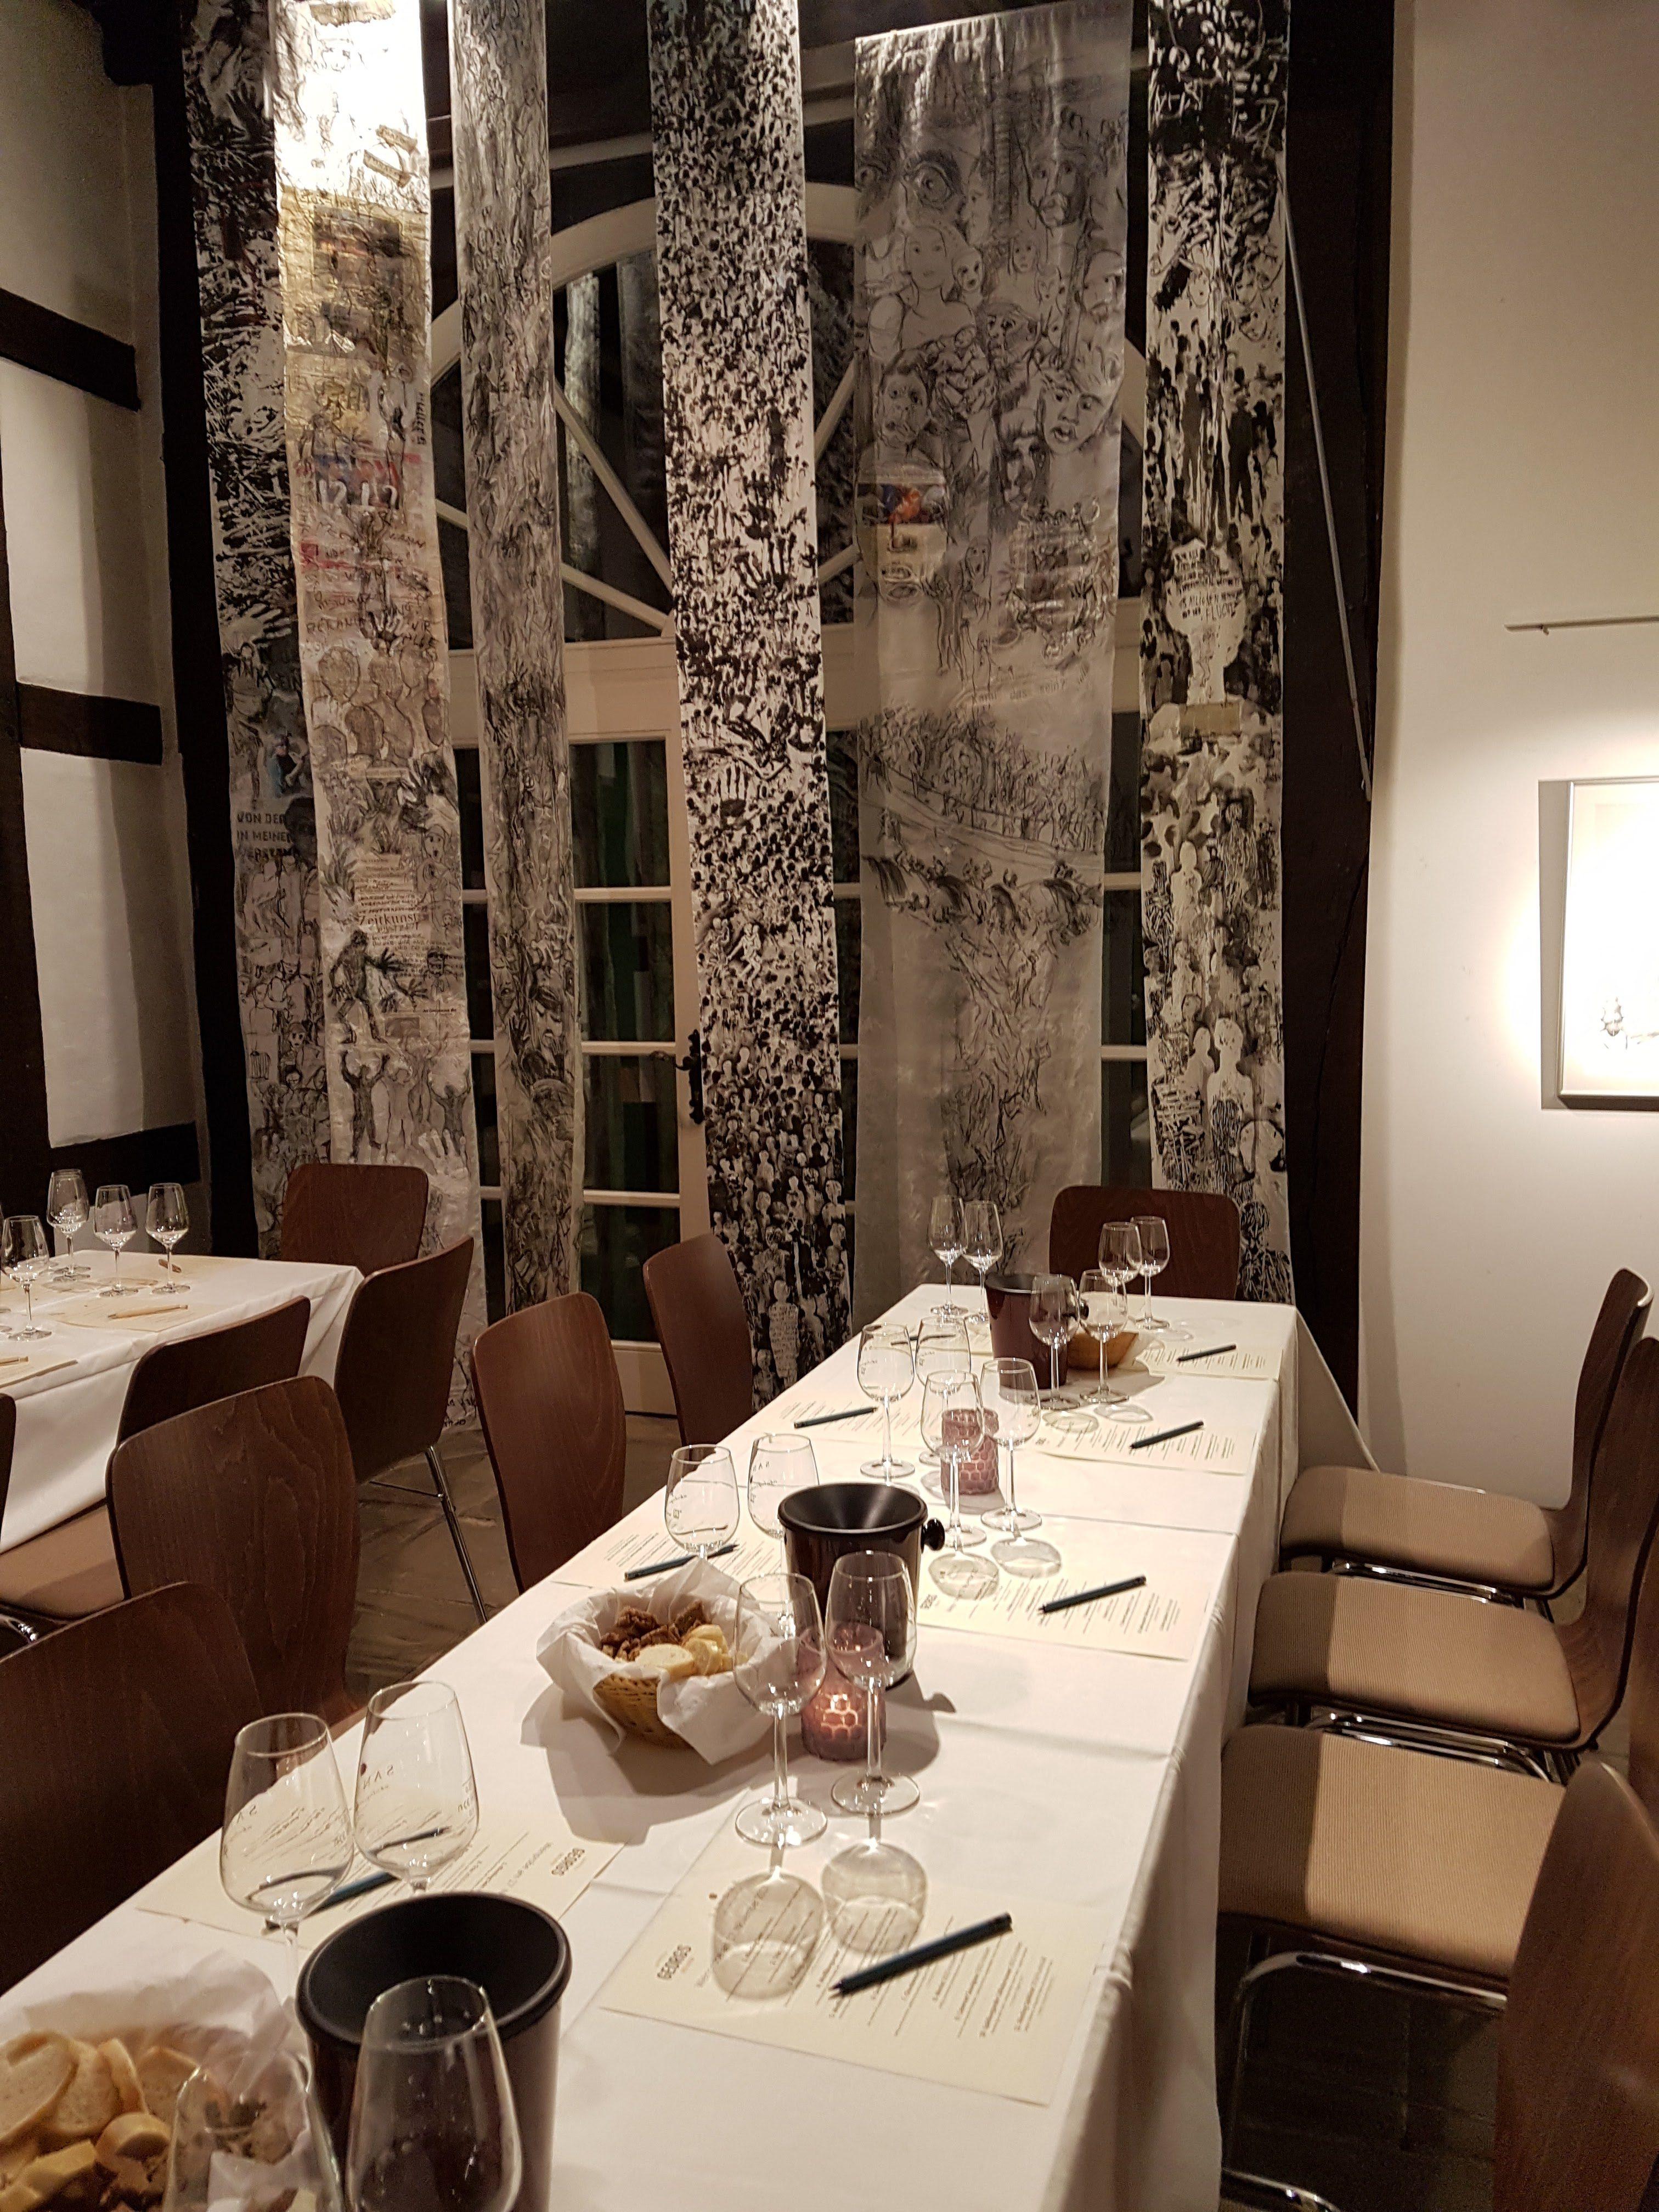 Herzliche Einladung zur Weinprobe am Freitag, den 09. November 2018